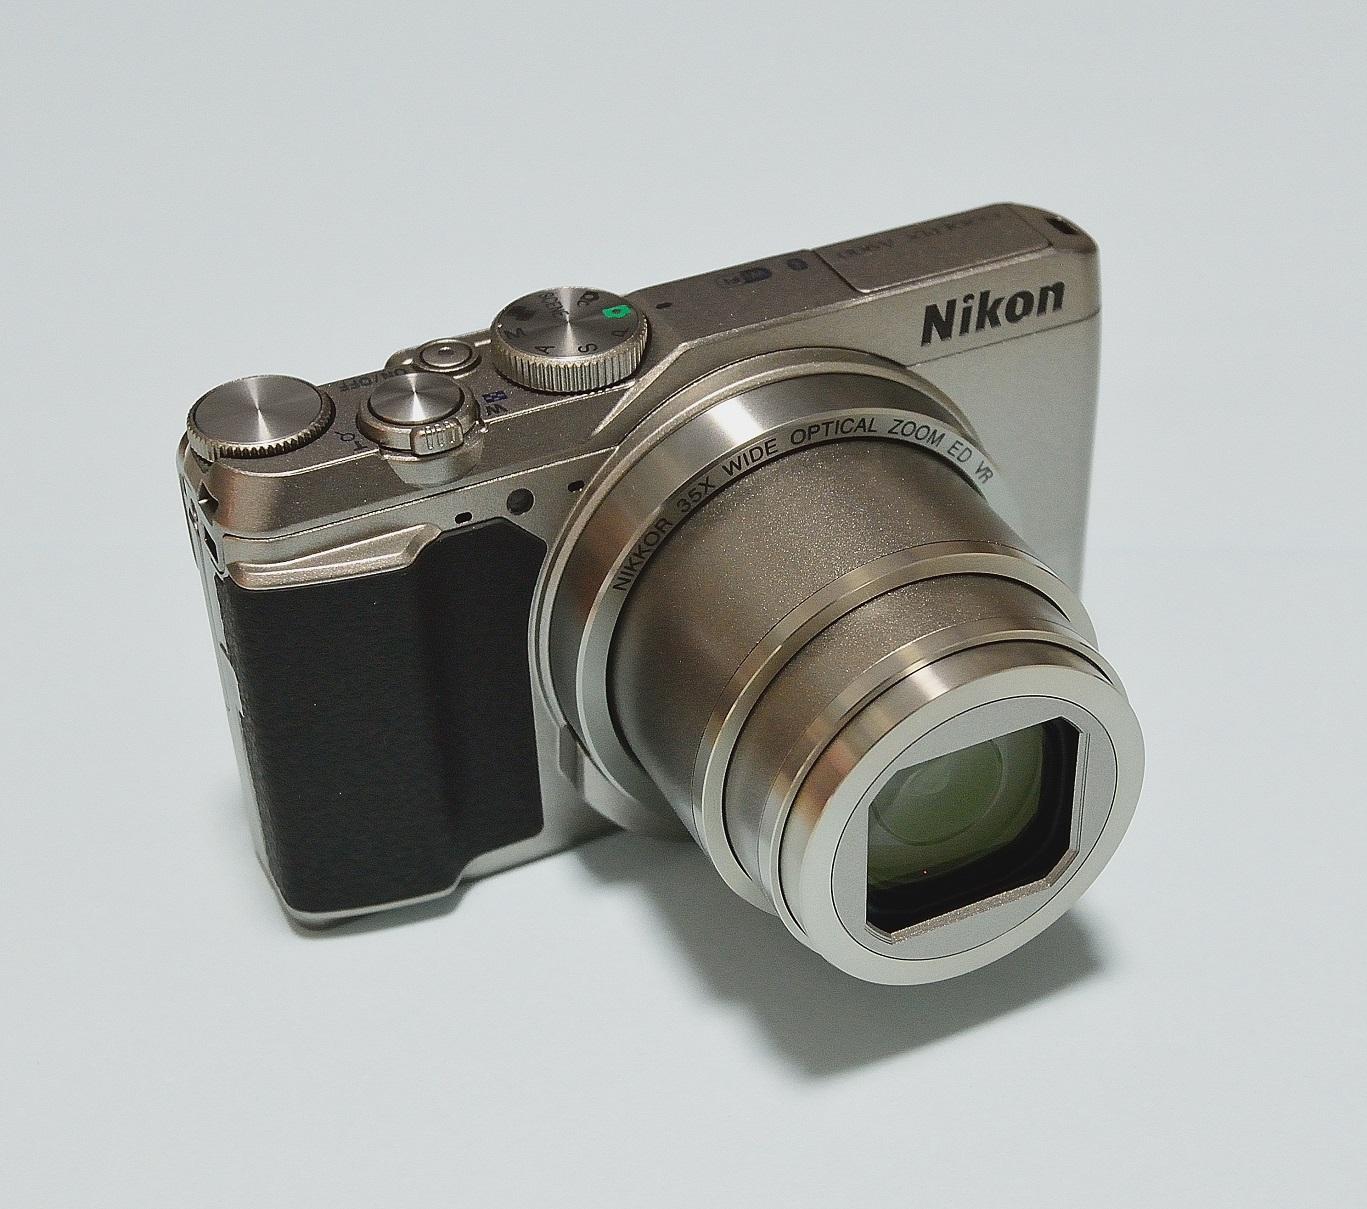 2018年09月15日 コンパクトデジタルカメラ, デジカメ, COOLPIX, A900